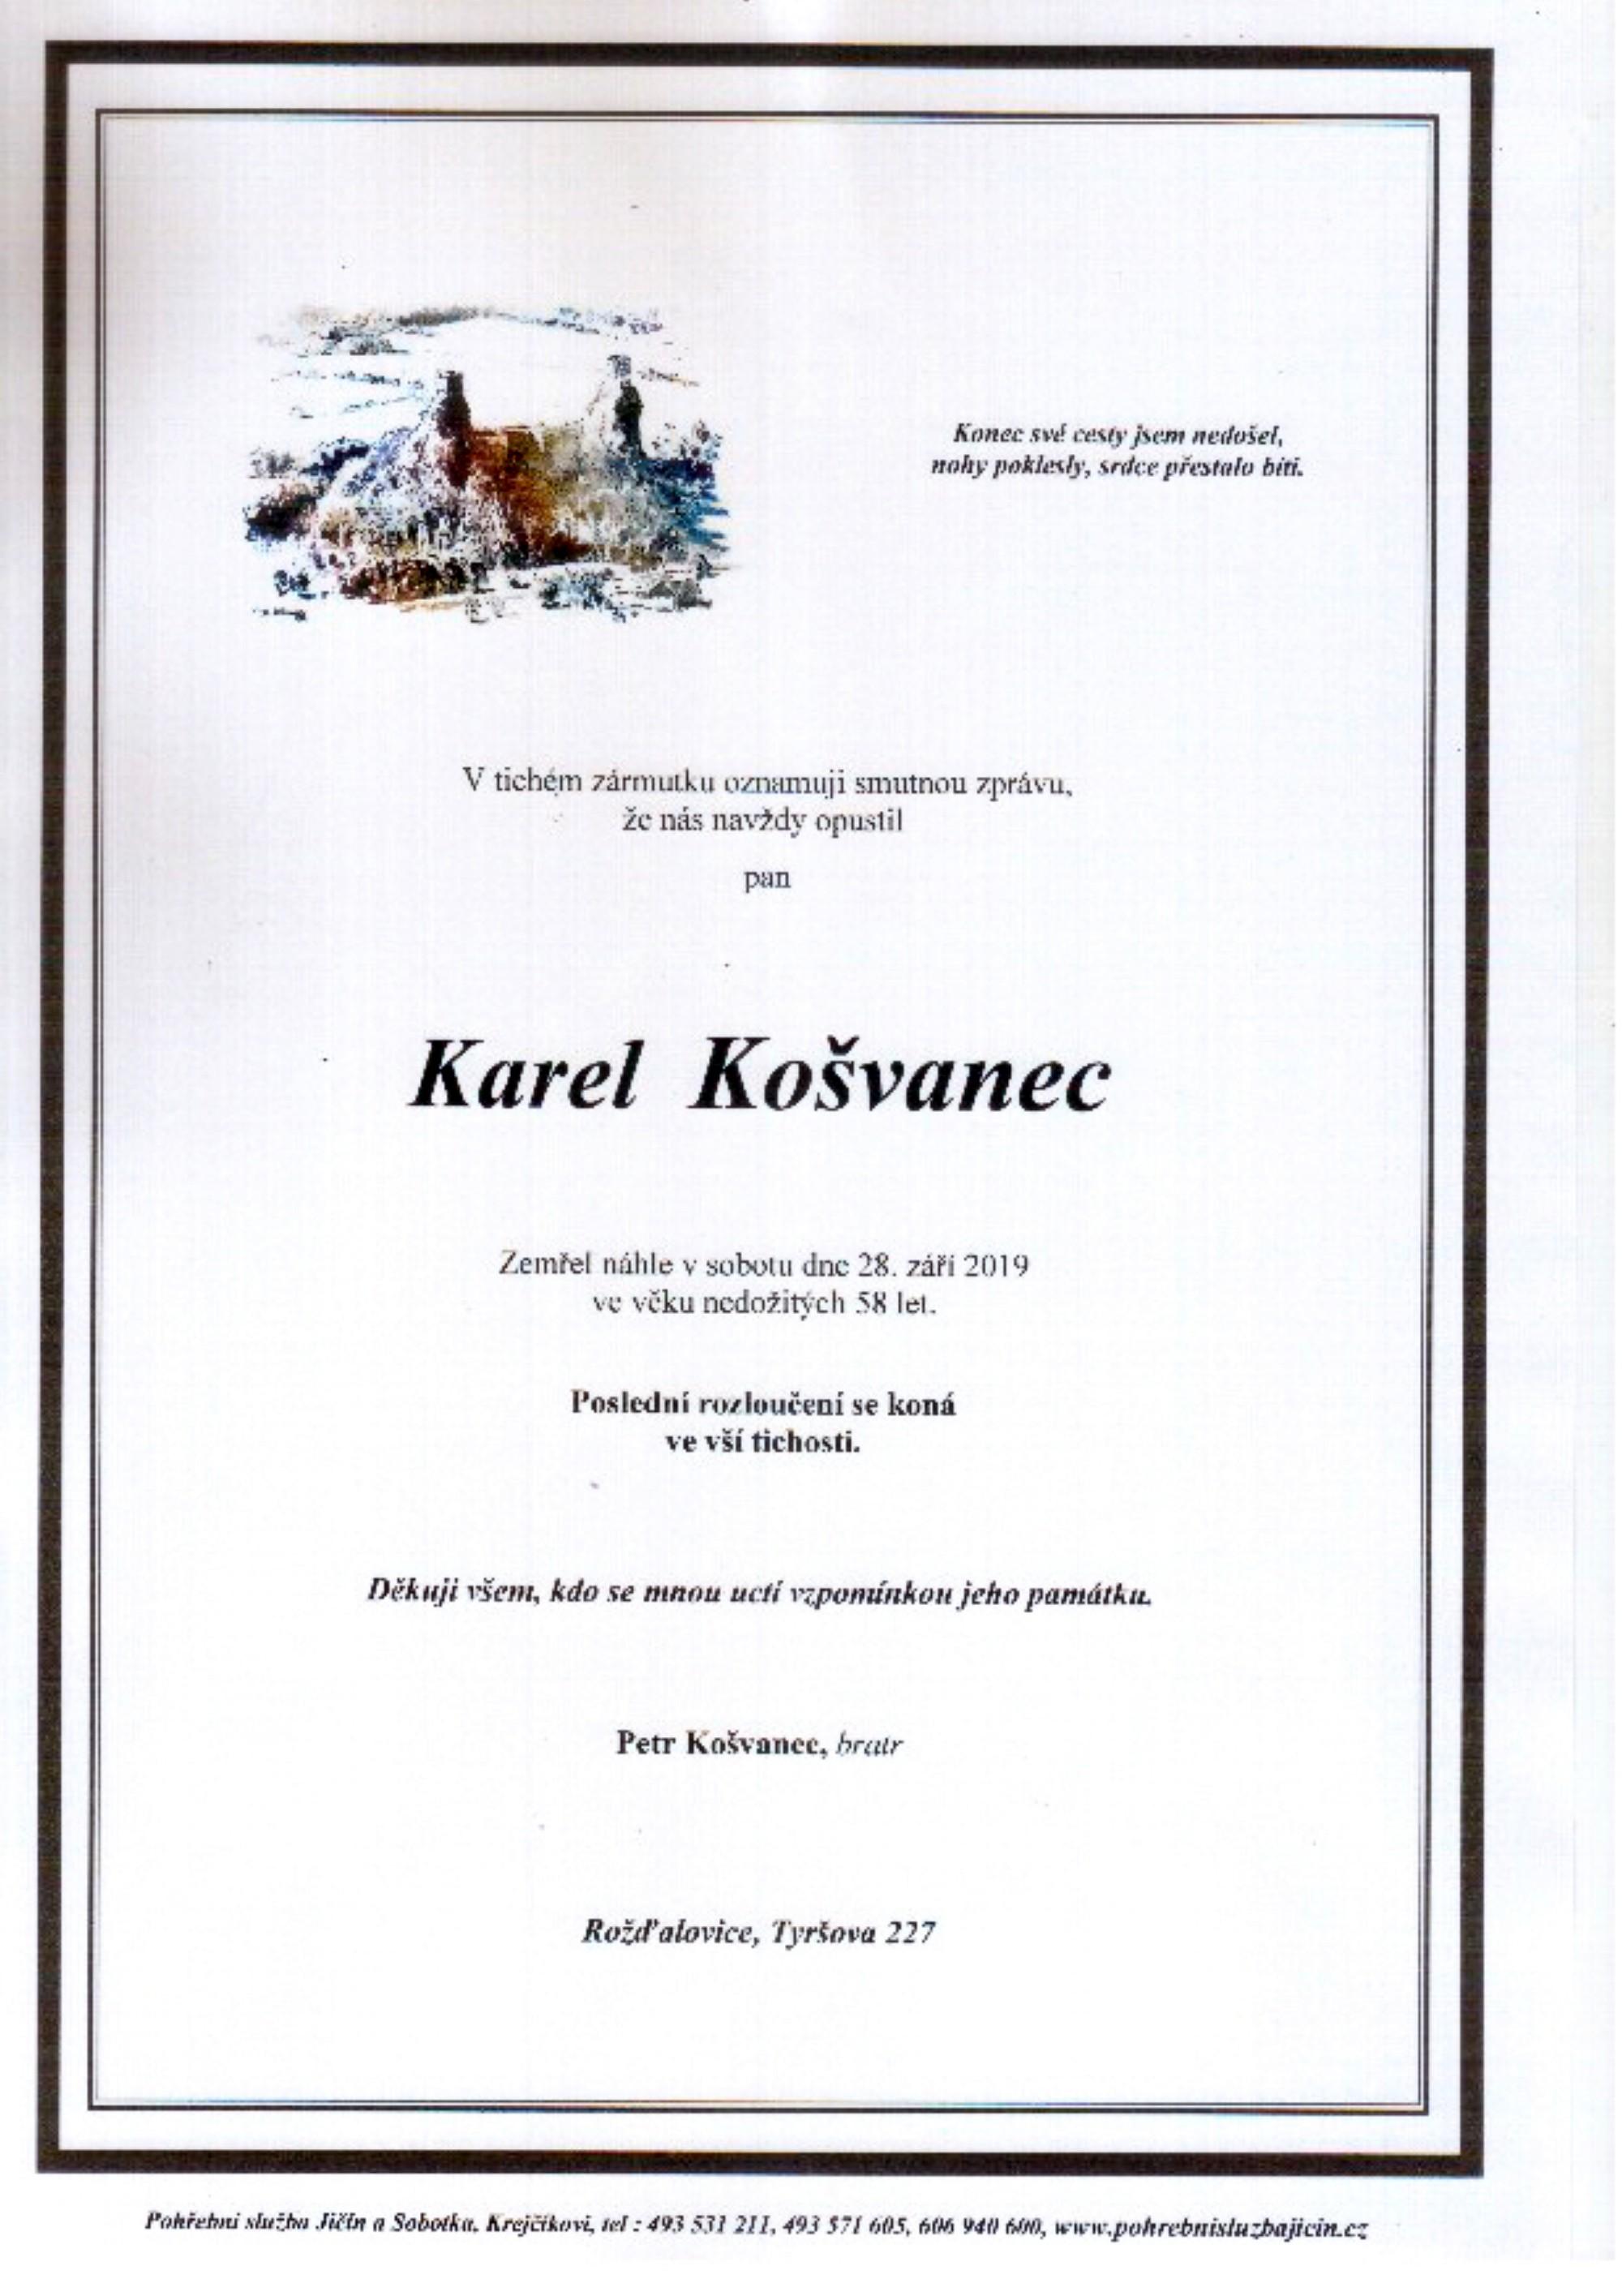 Karel Košvanec